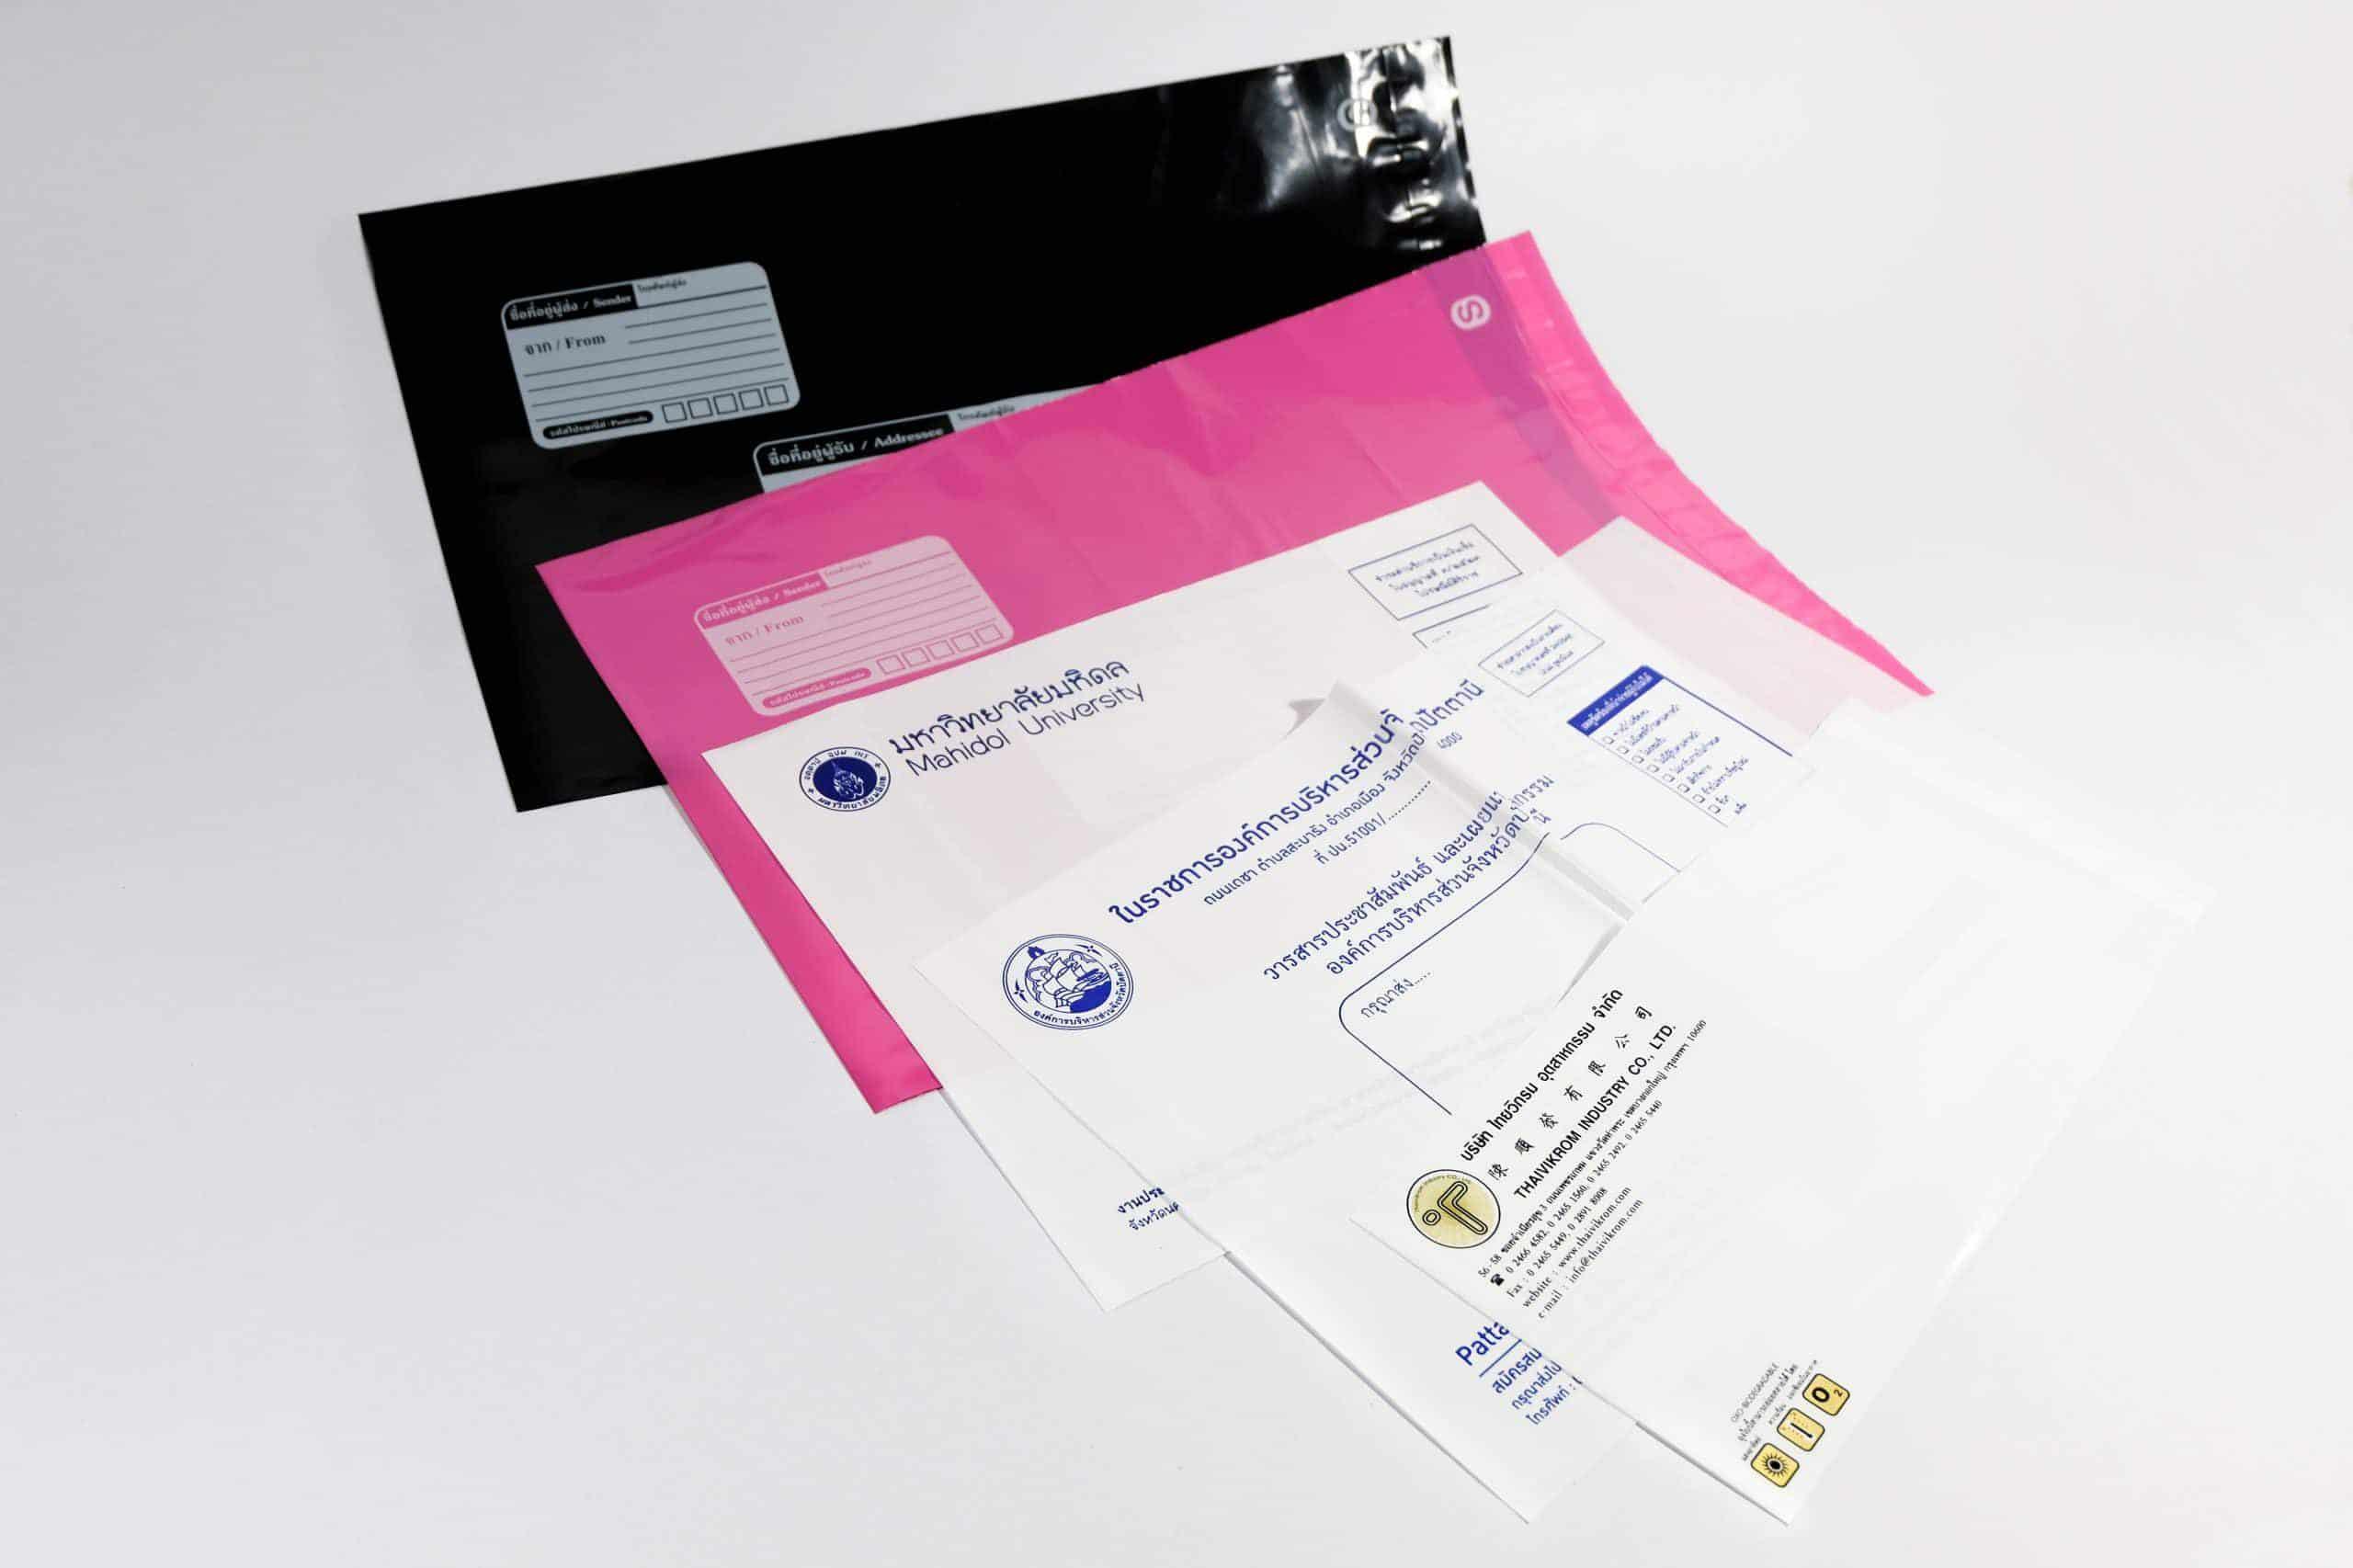 ซองไปรษณีย์ ซองเอกสาร